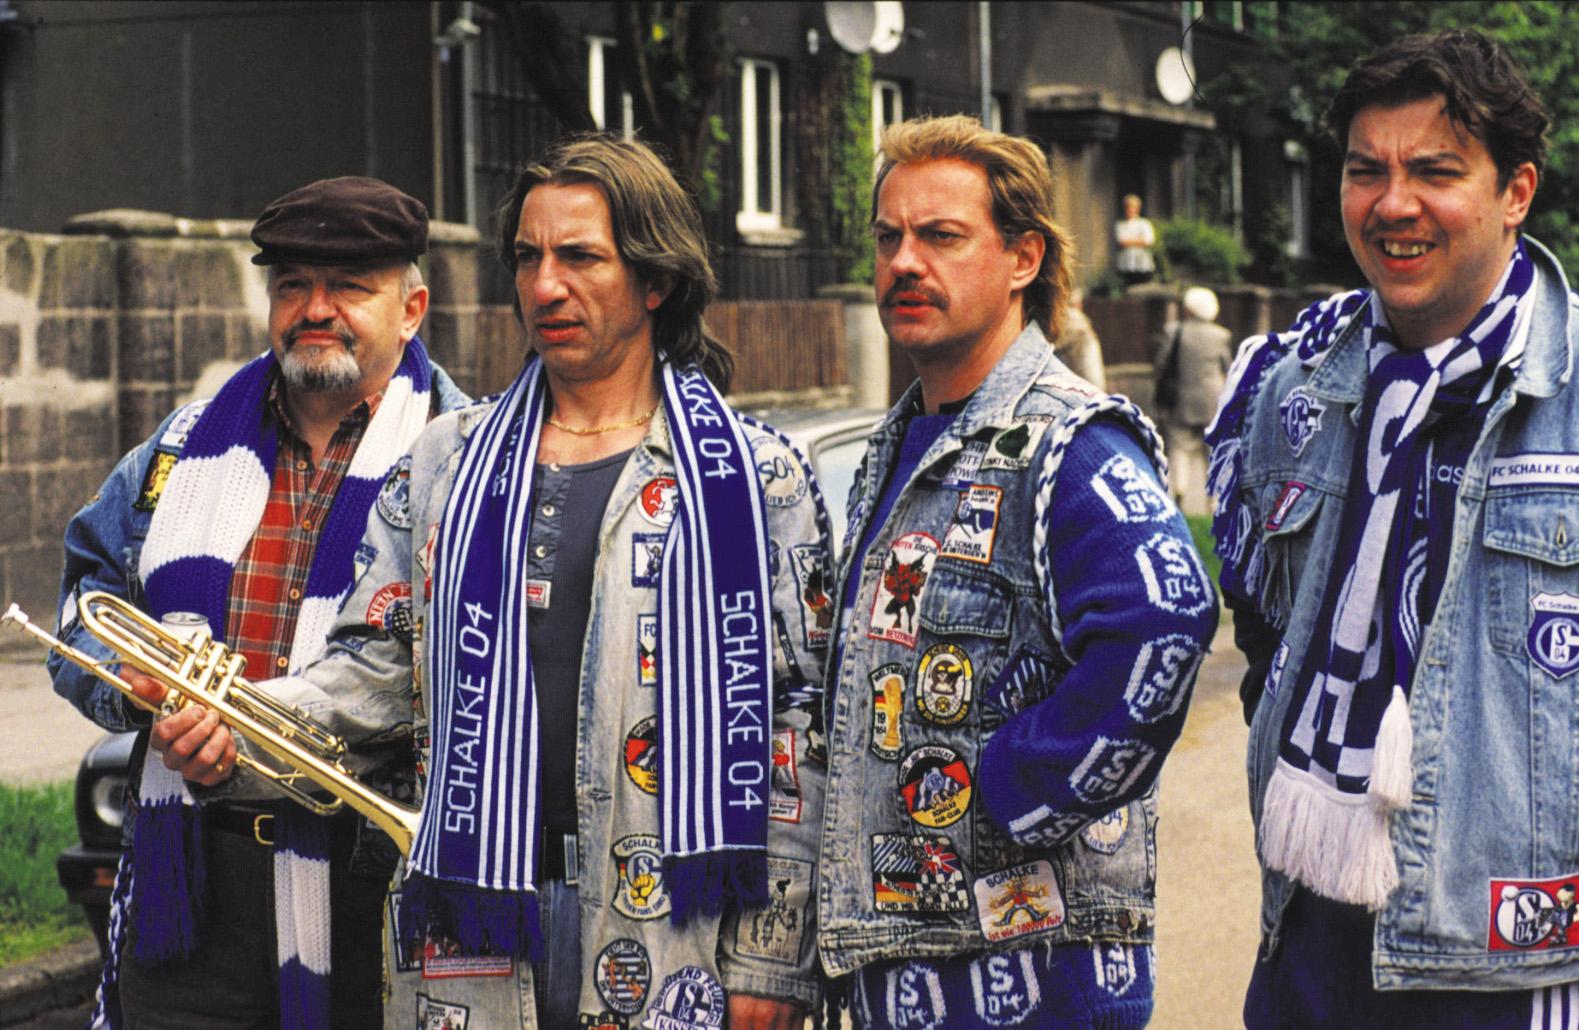 Fussball Ist Unser Leben Film 1999 Trailer Kritik Kino De